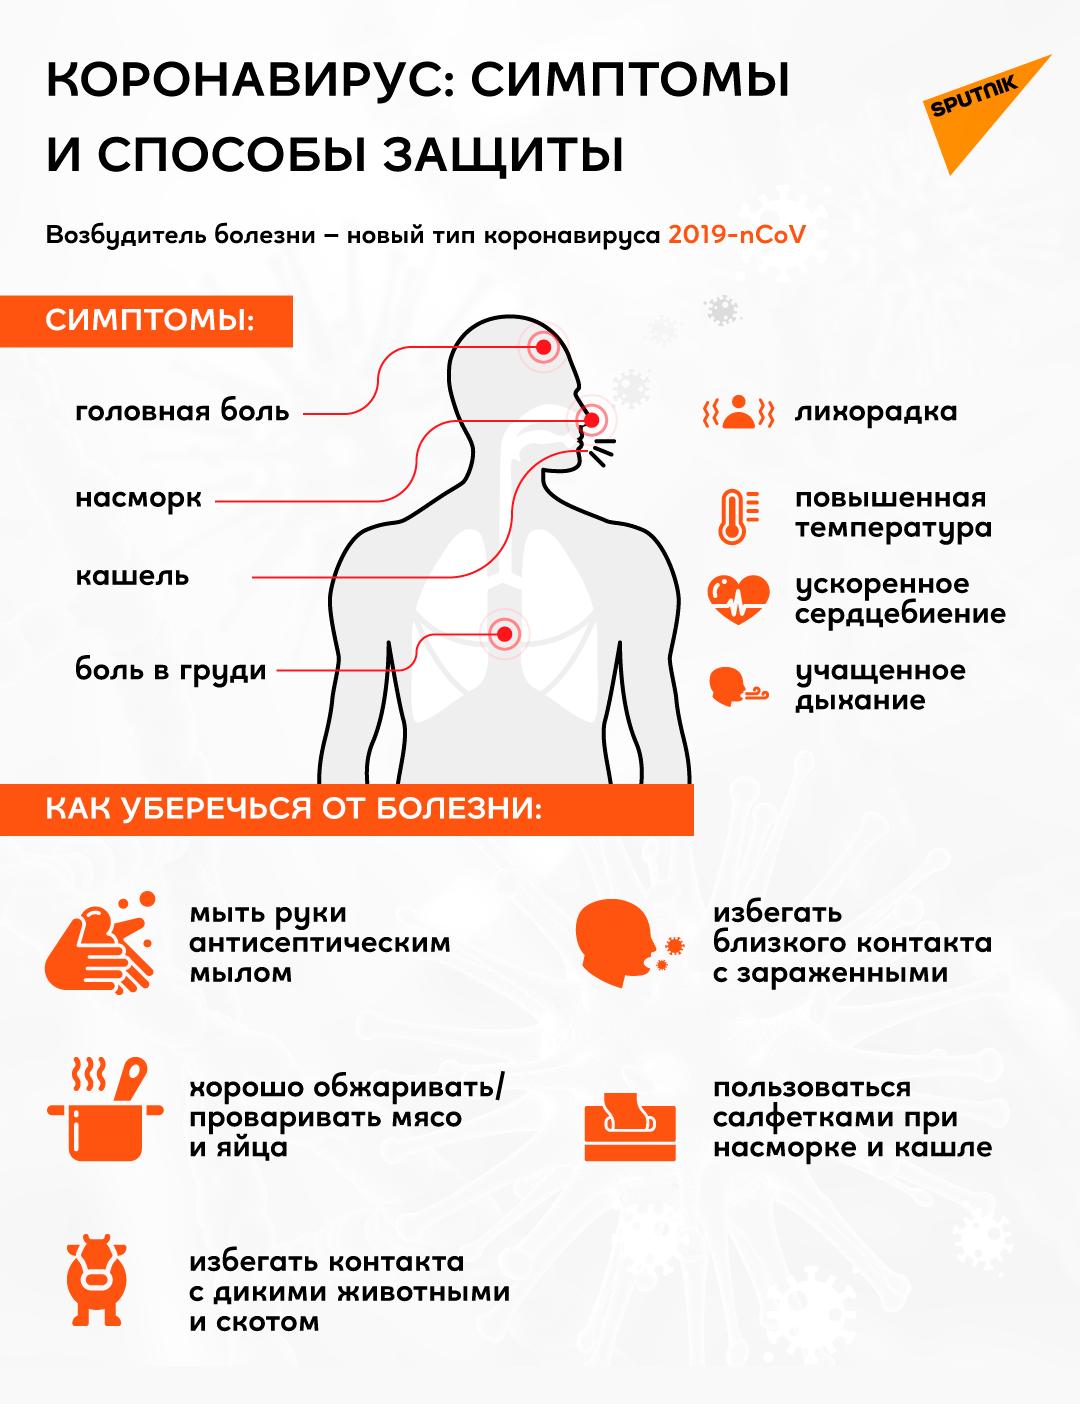 Инфографика: Способы защиты от коронавируса